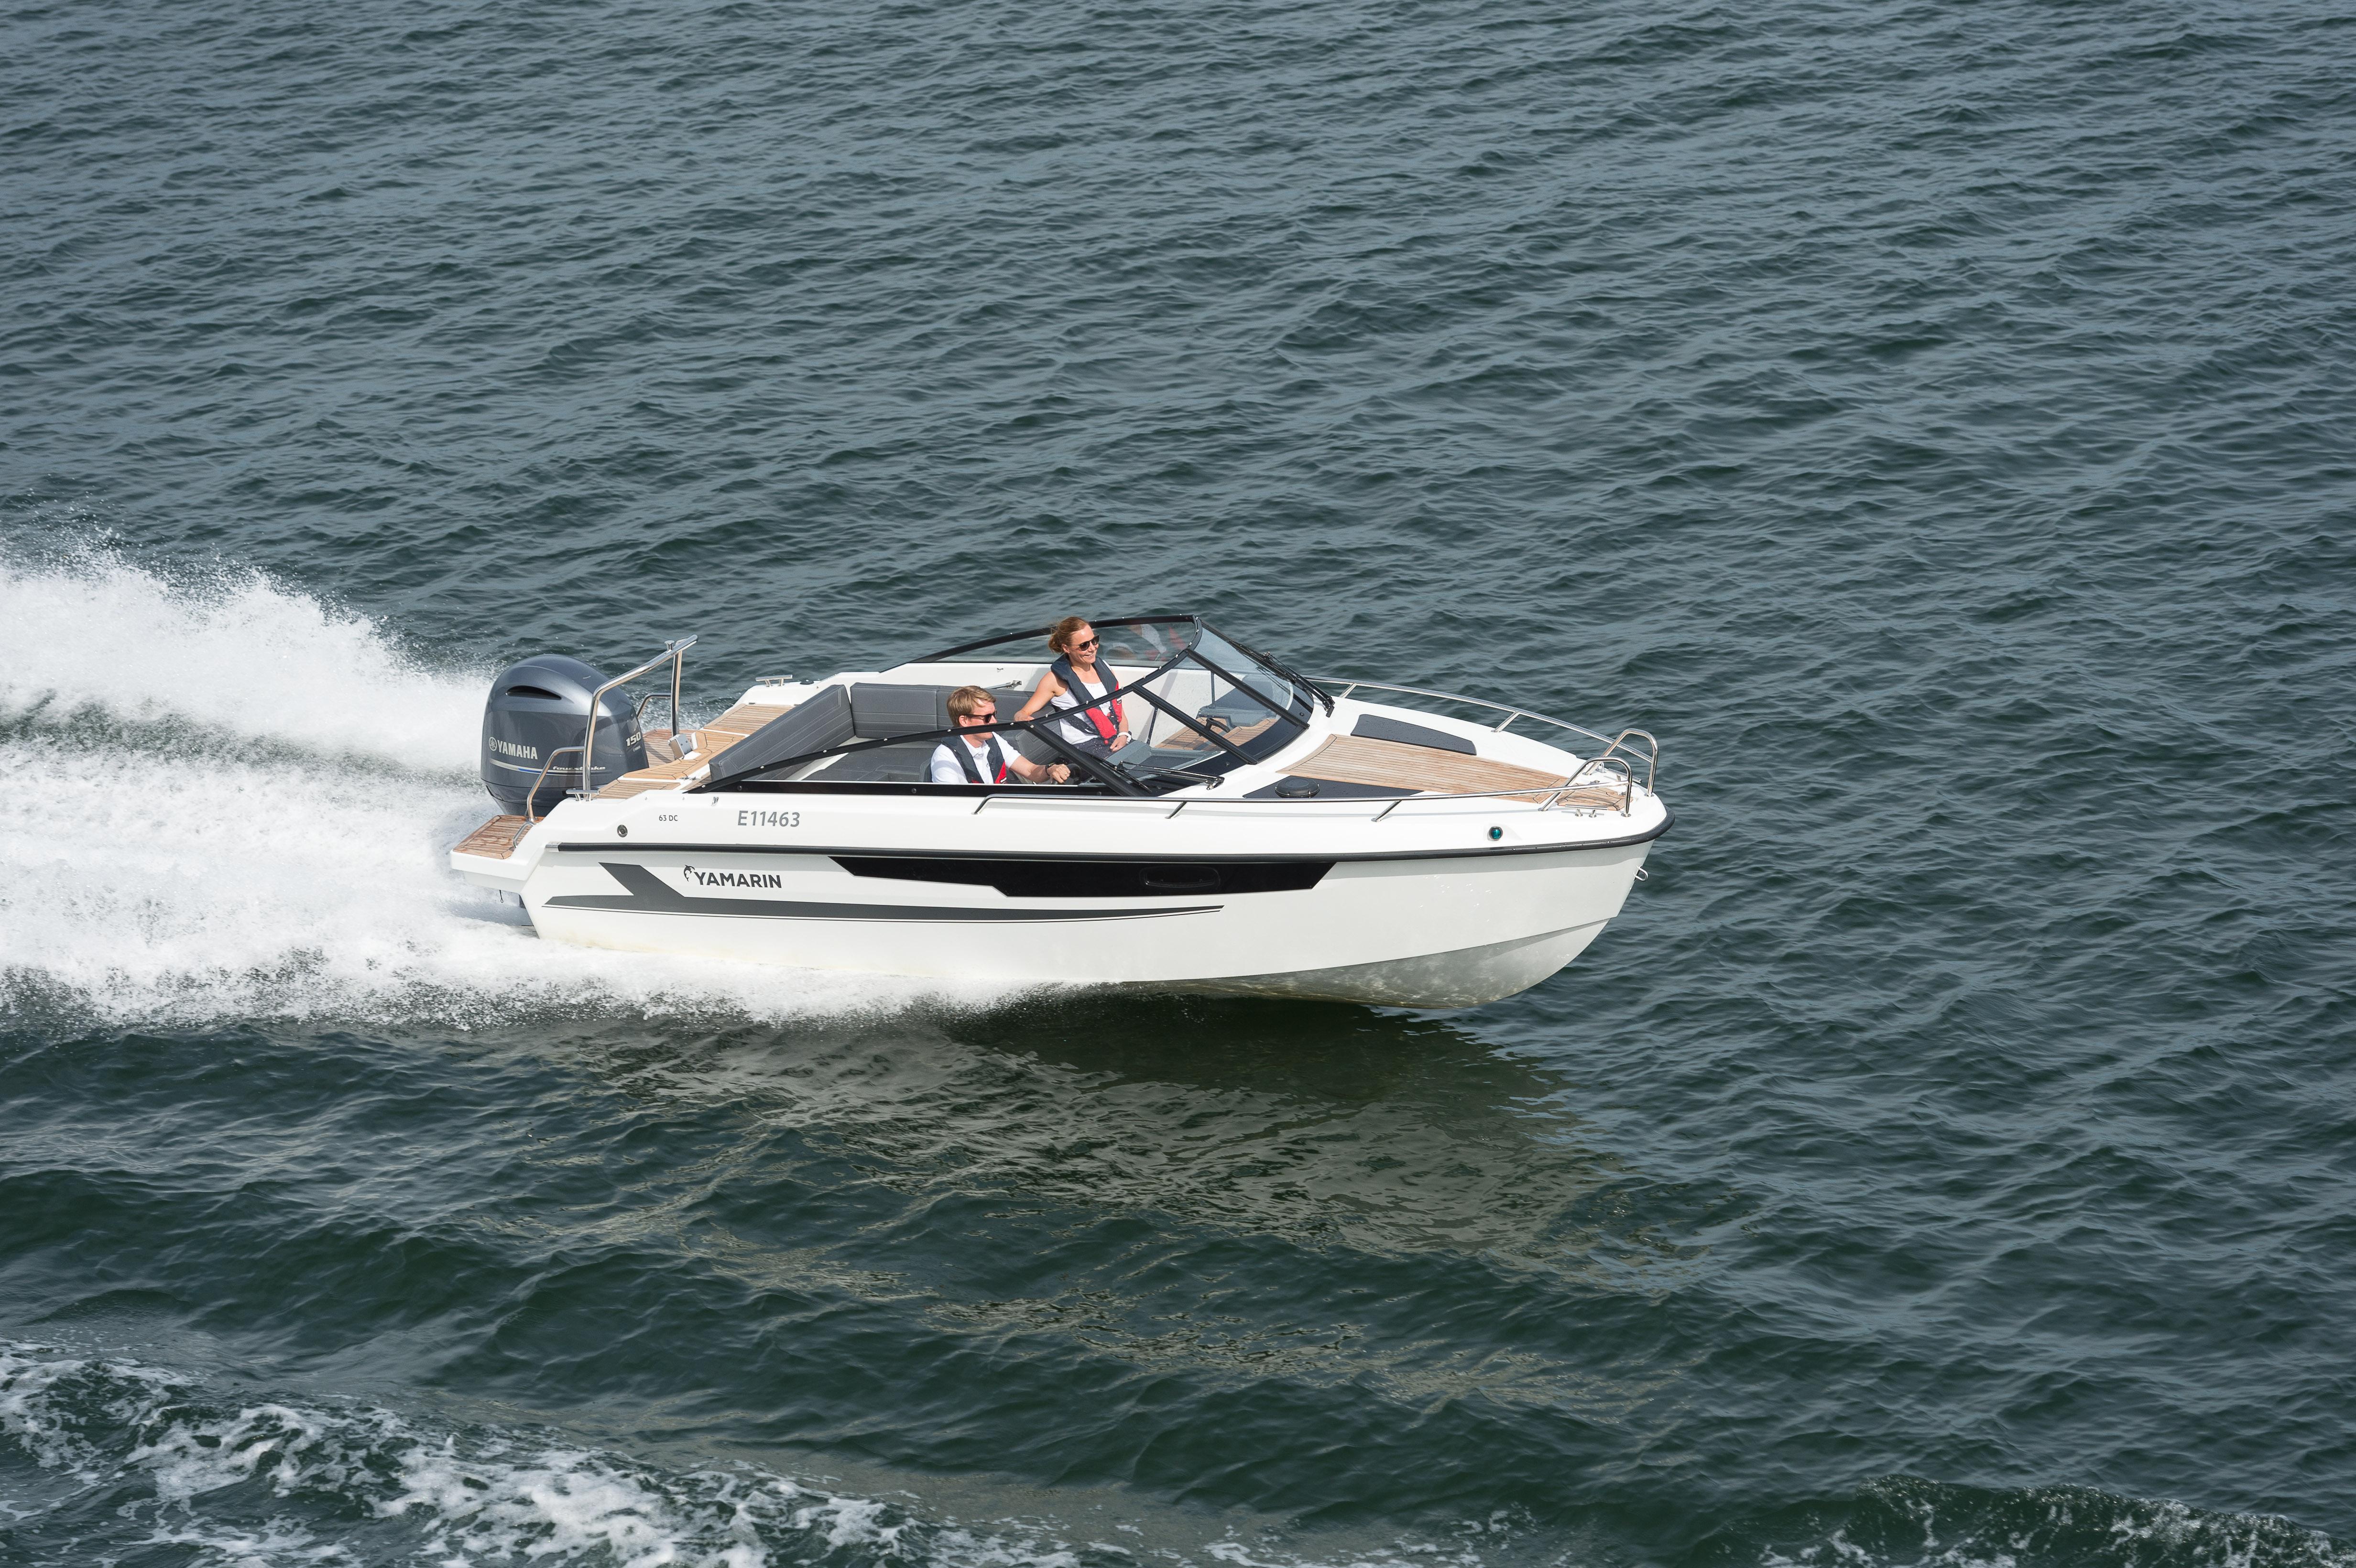 Uuden Yamarin 63DC:n ajo-ominaisuudet ovat tuttua Yamarin-laatua